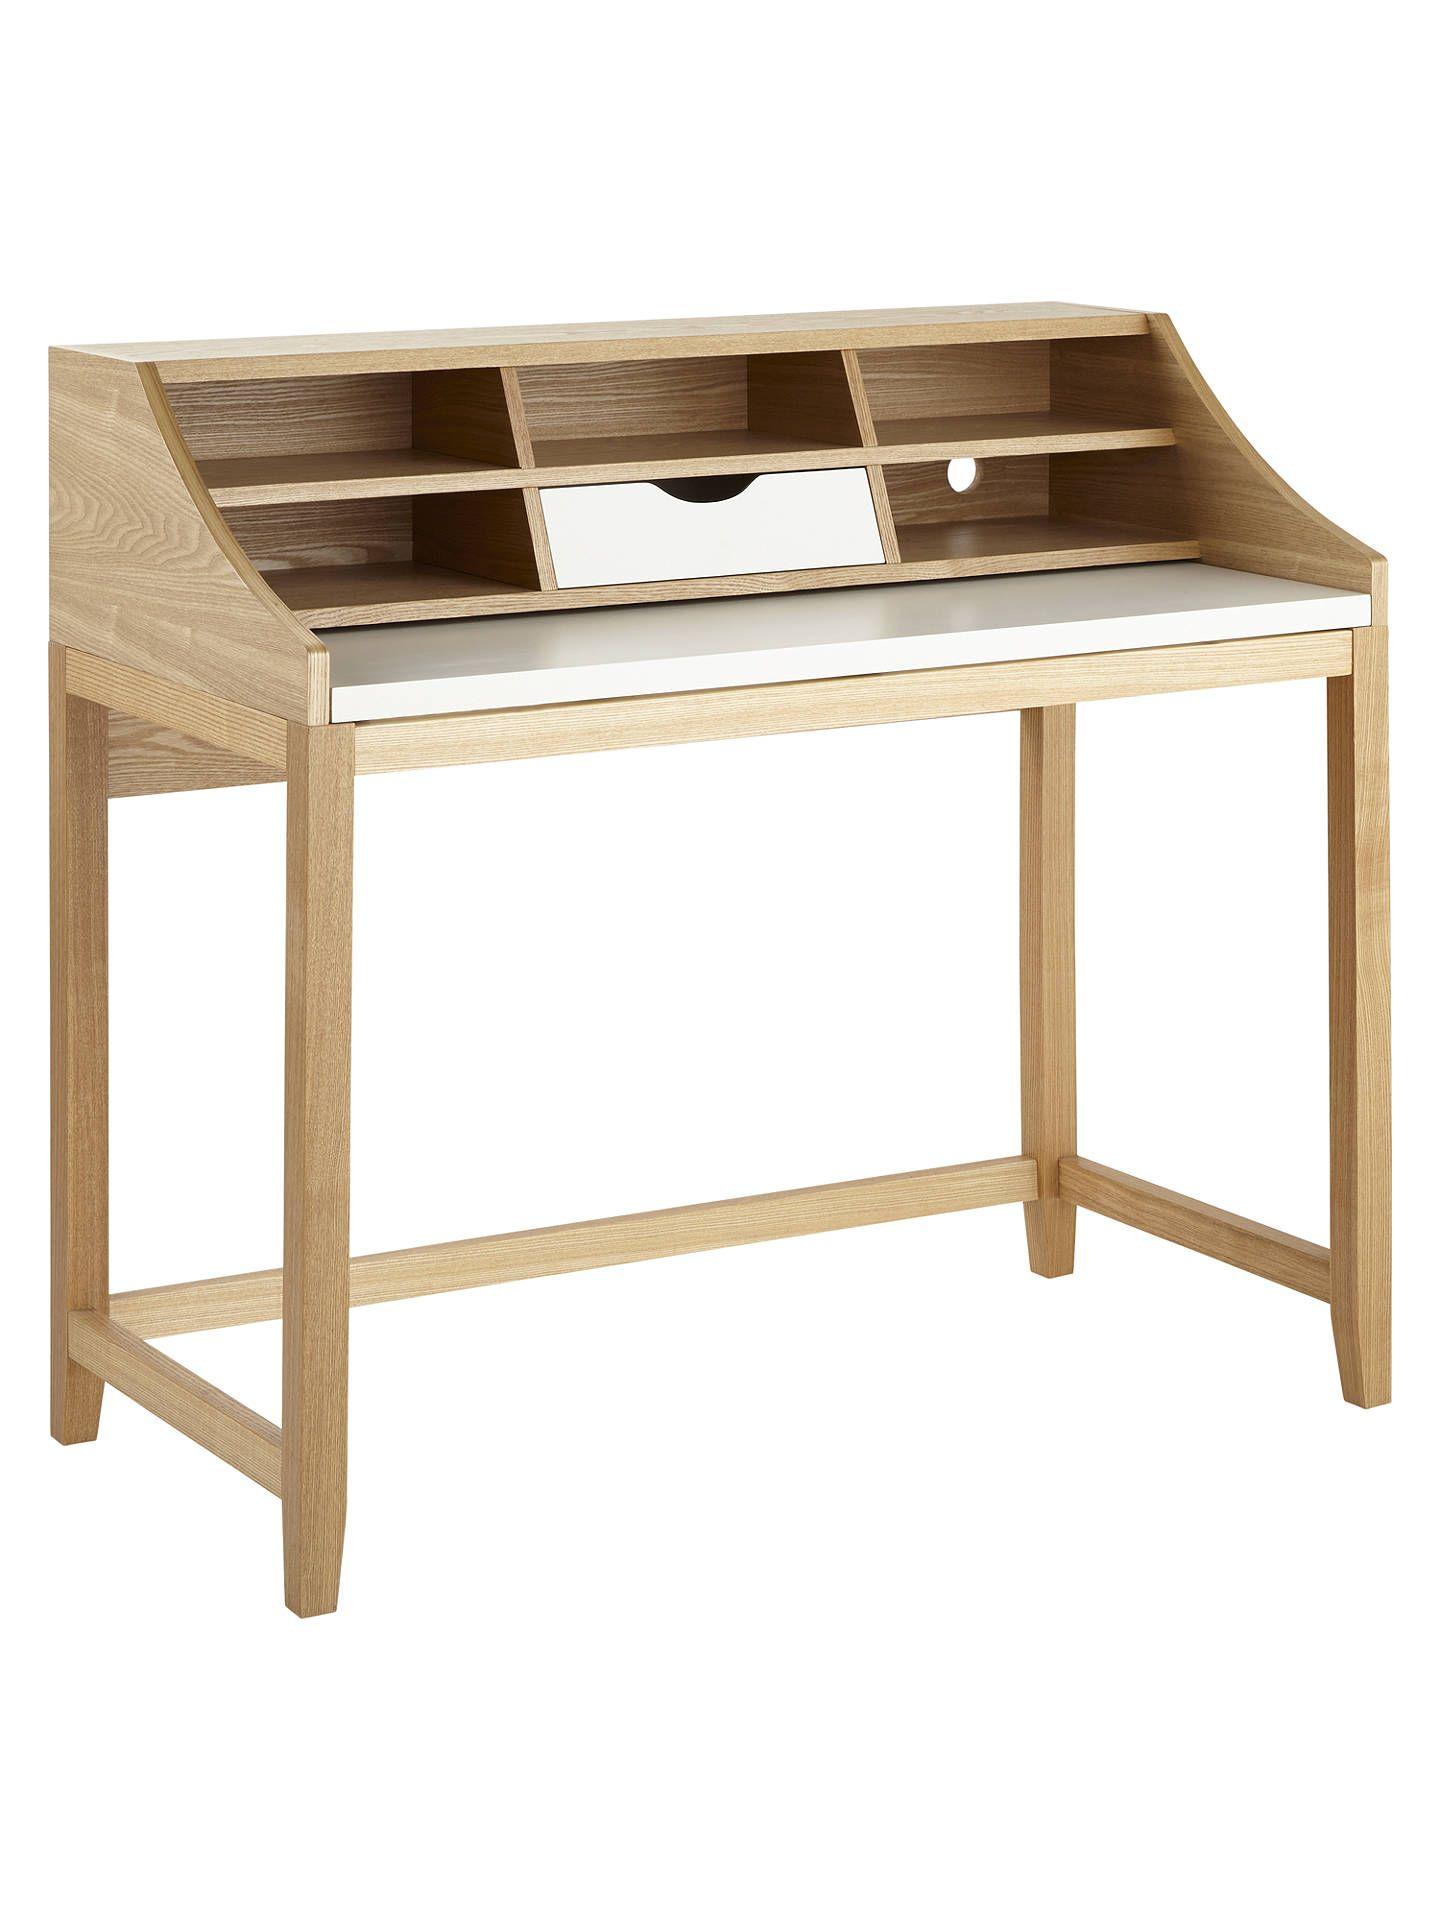 John Lewis Partners Loft Desk White Ash In 2019 Desks